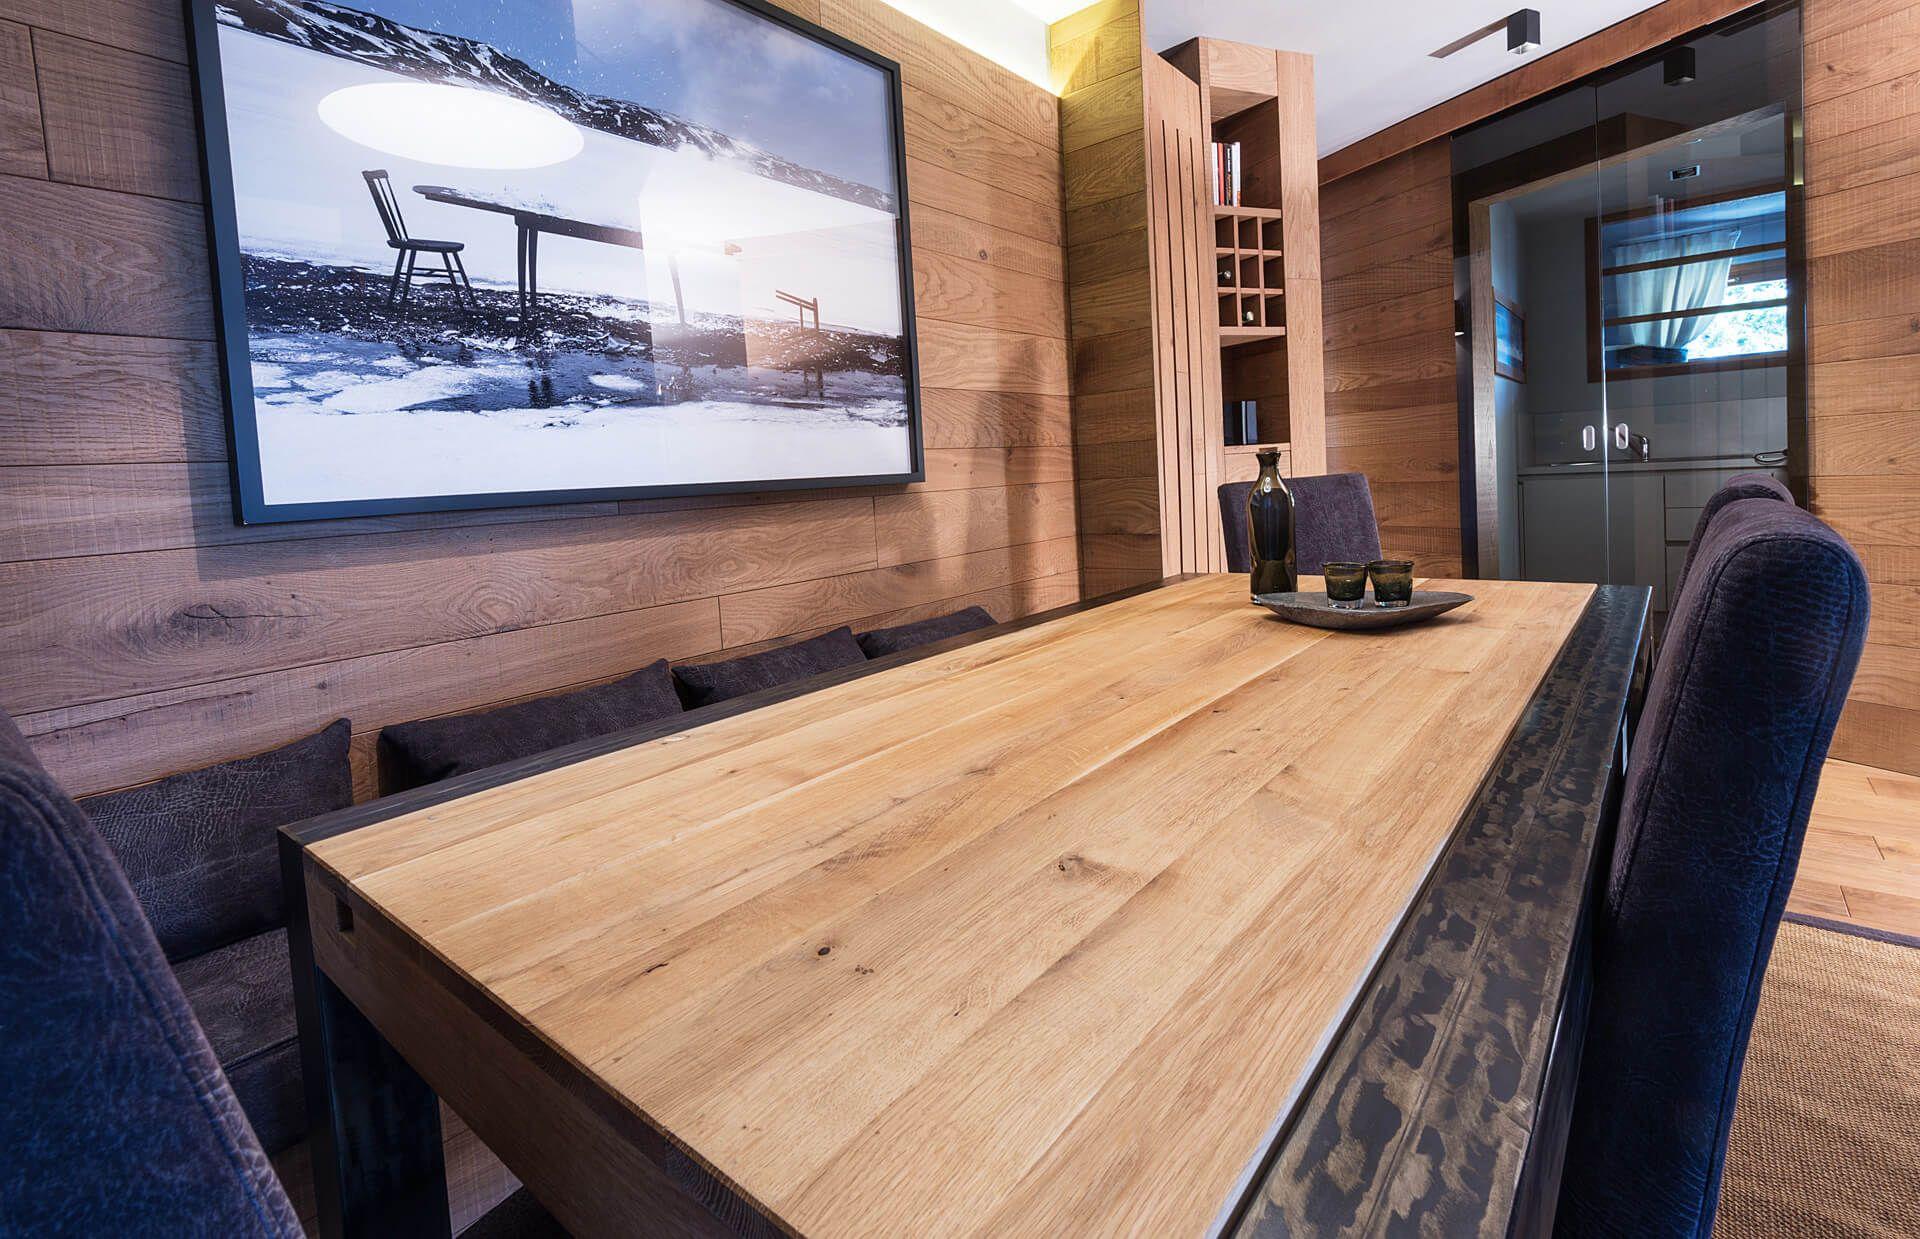 tavolo da pranzo- dettaglio | Case, Arredamento e Case di ...